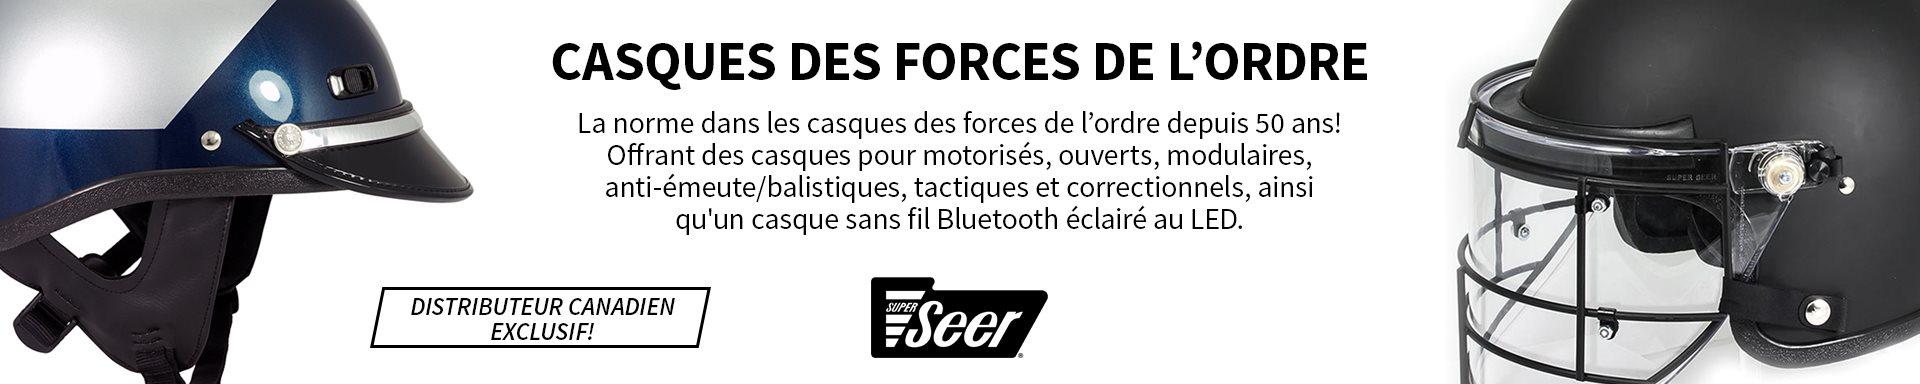 Super Seer - Casques des forces de l'ordre